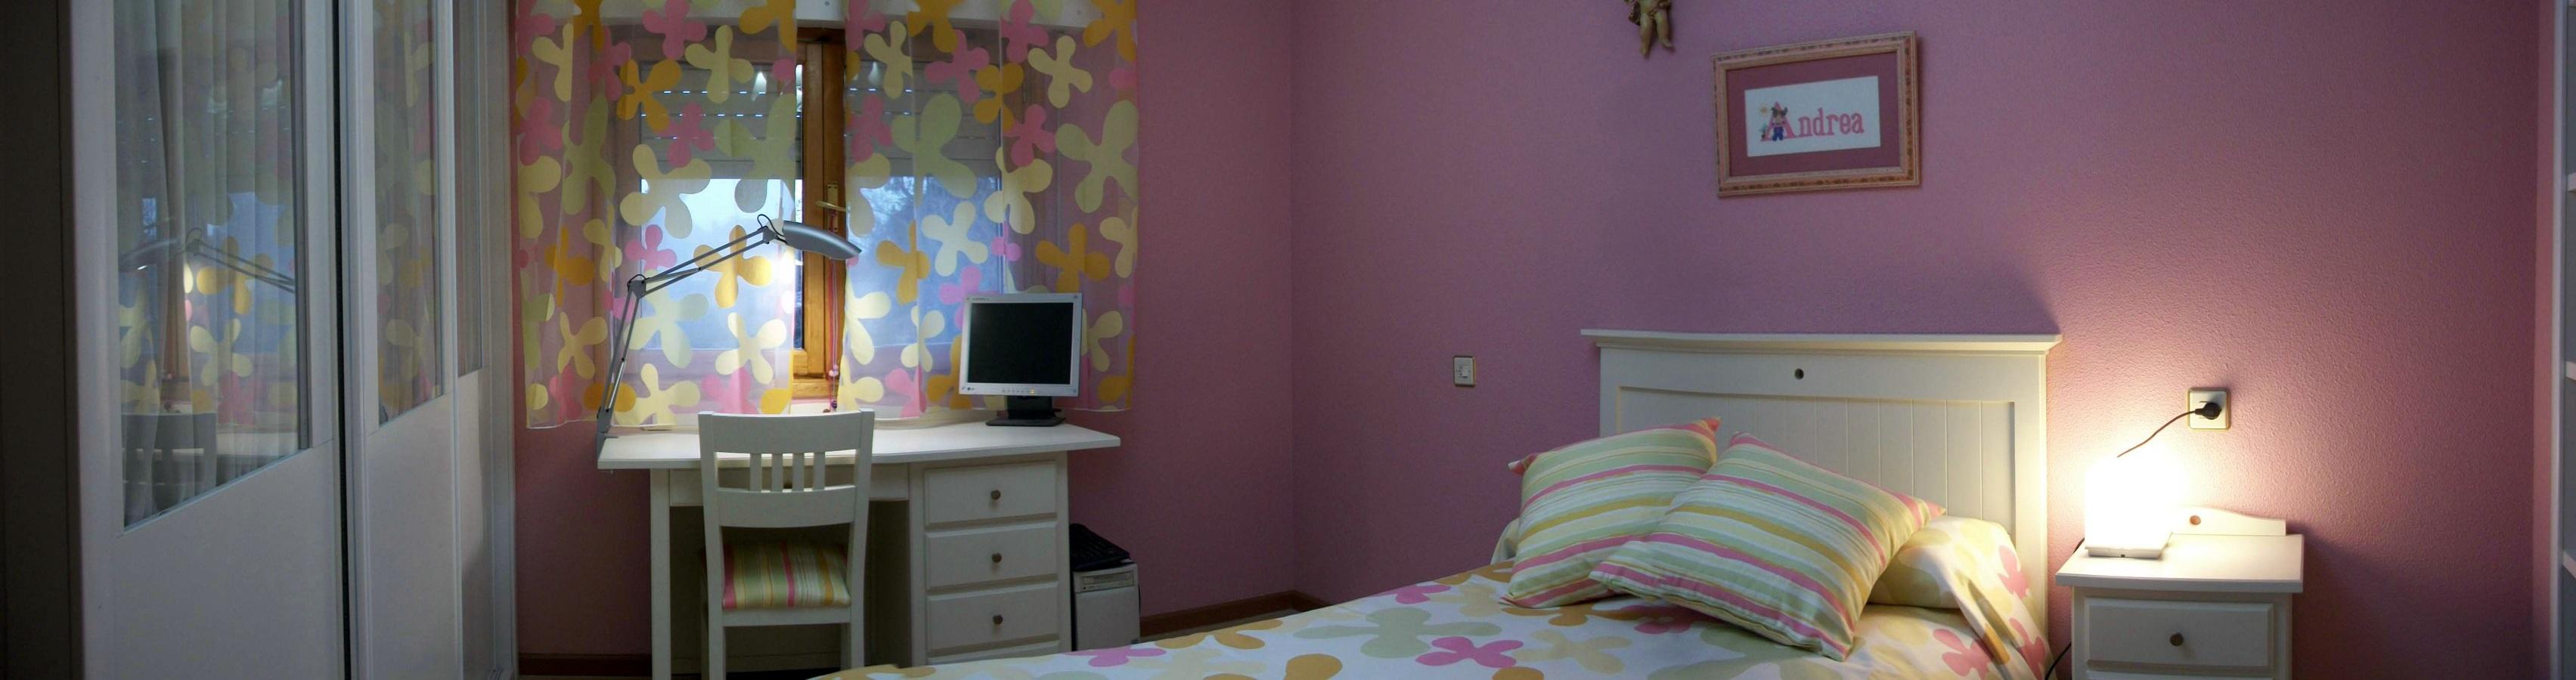 Dormitorio juvenil de ni a con cama nido pictures to pin - Dormitorio juvenil nina ...